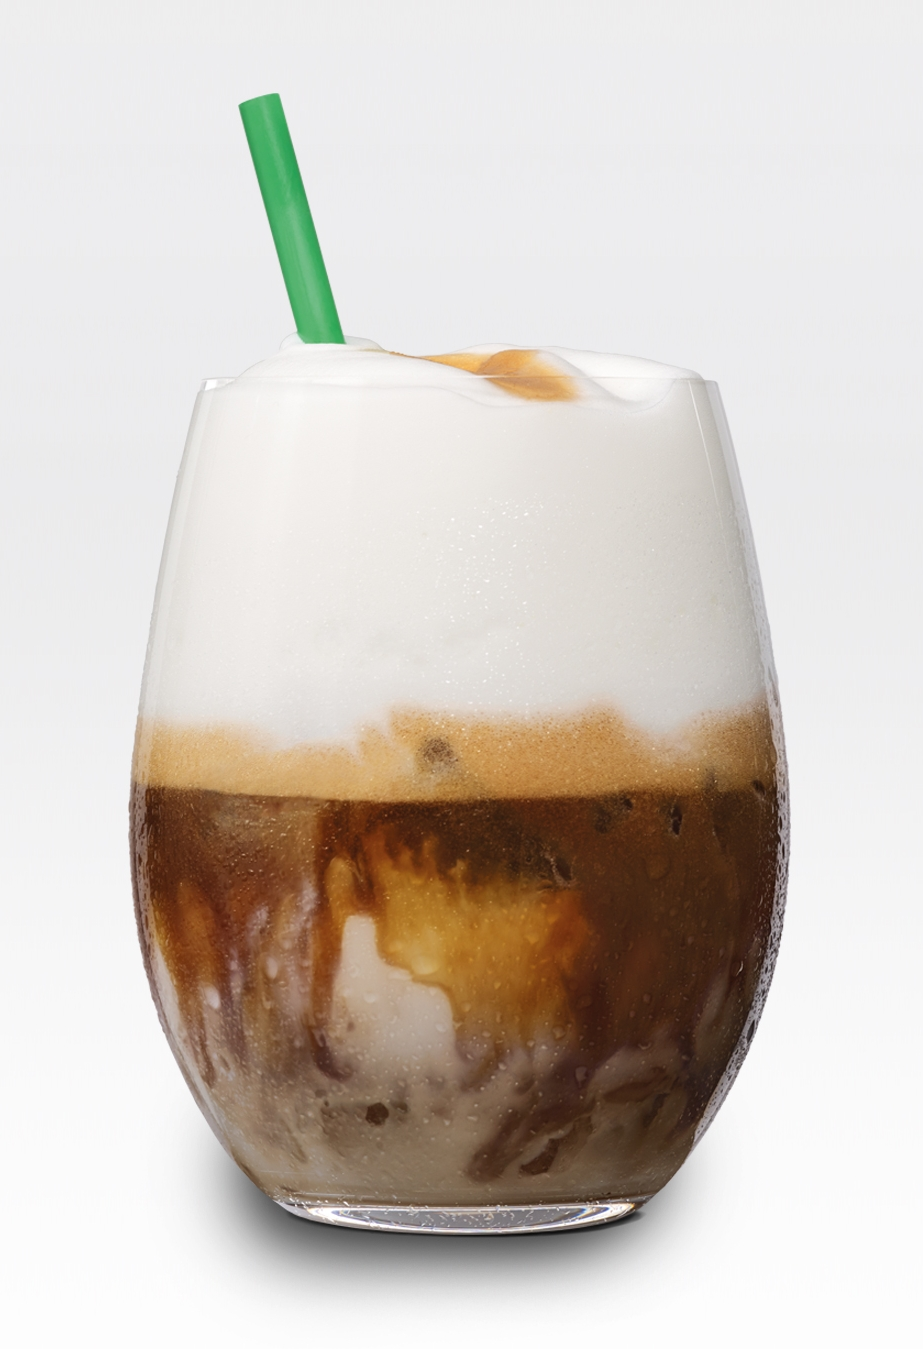 1. Cold Foam Cappuccino - (from Starbucks)